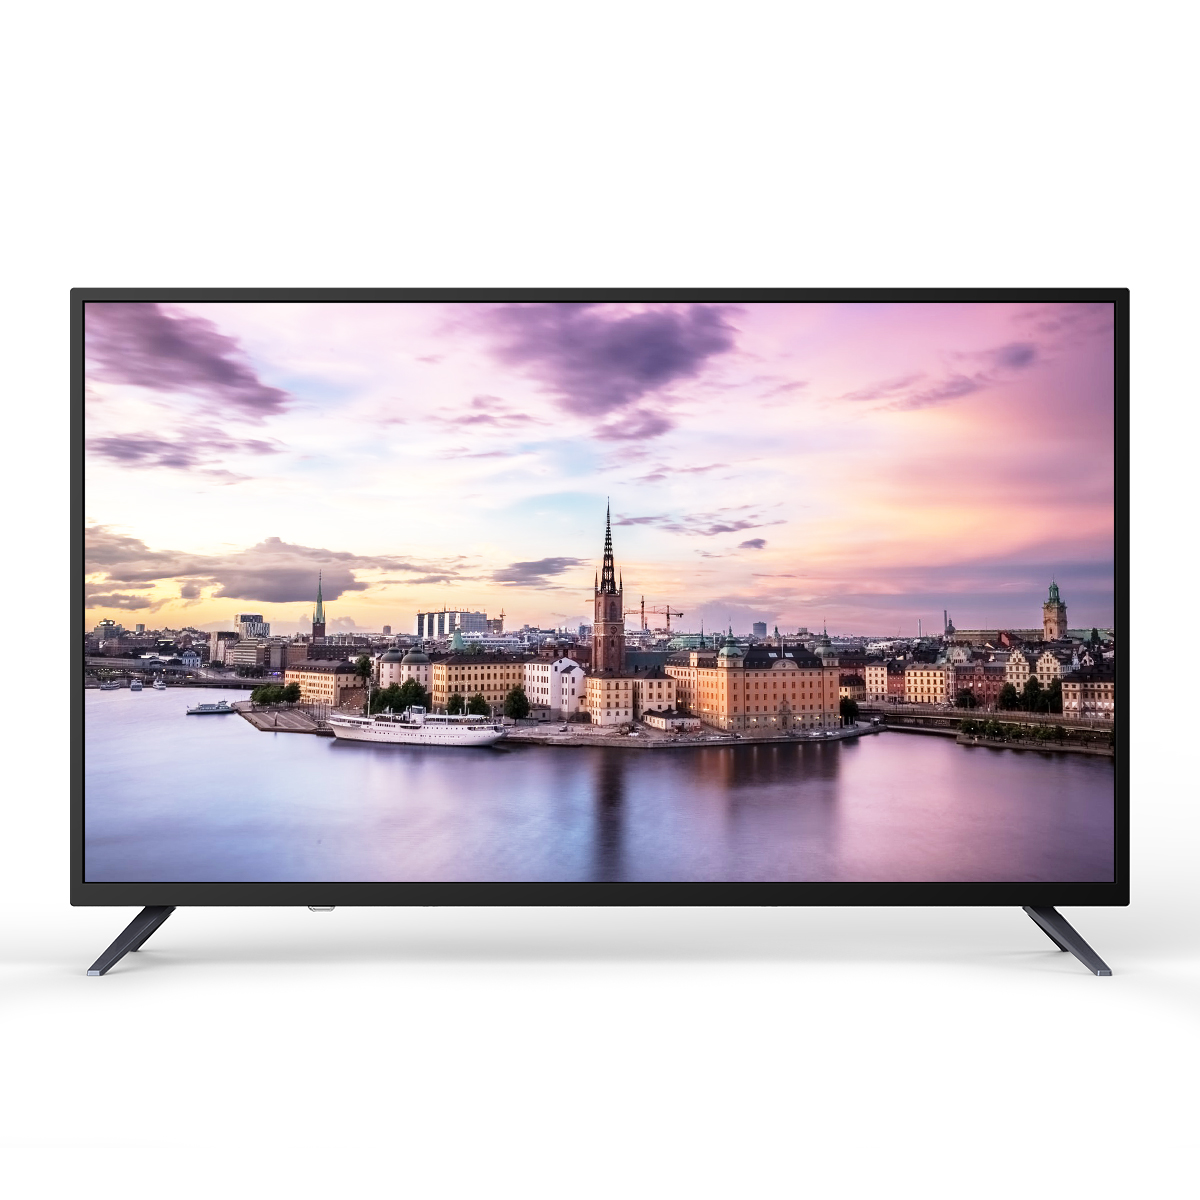 시티브 UHD HDR 무결점 164cm 5.1 SMART TV HK650UDNTV, 스탠드형, 자가설치